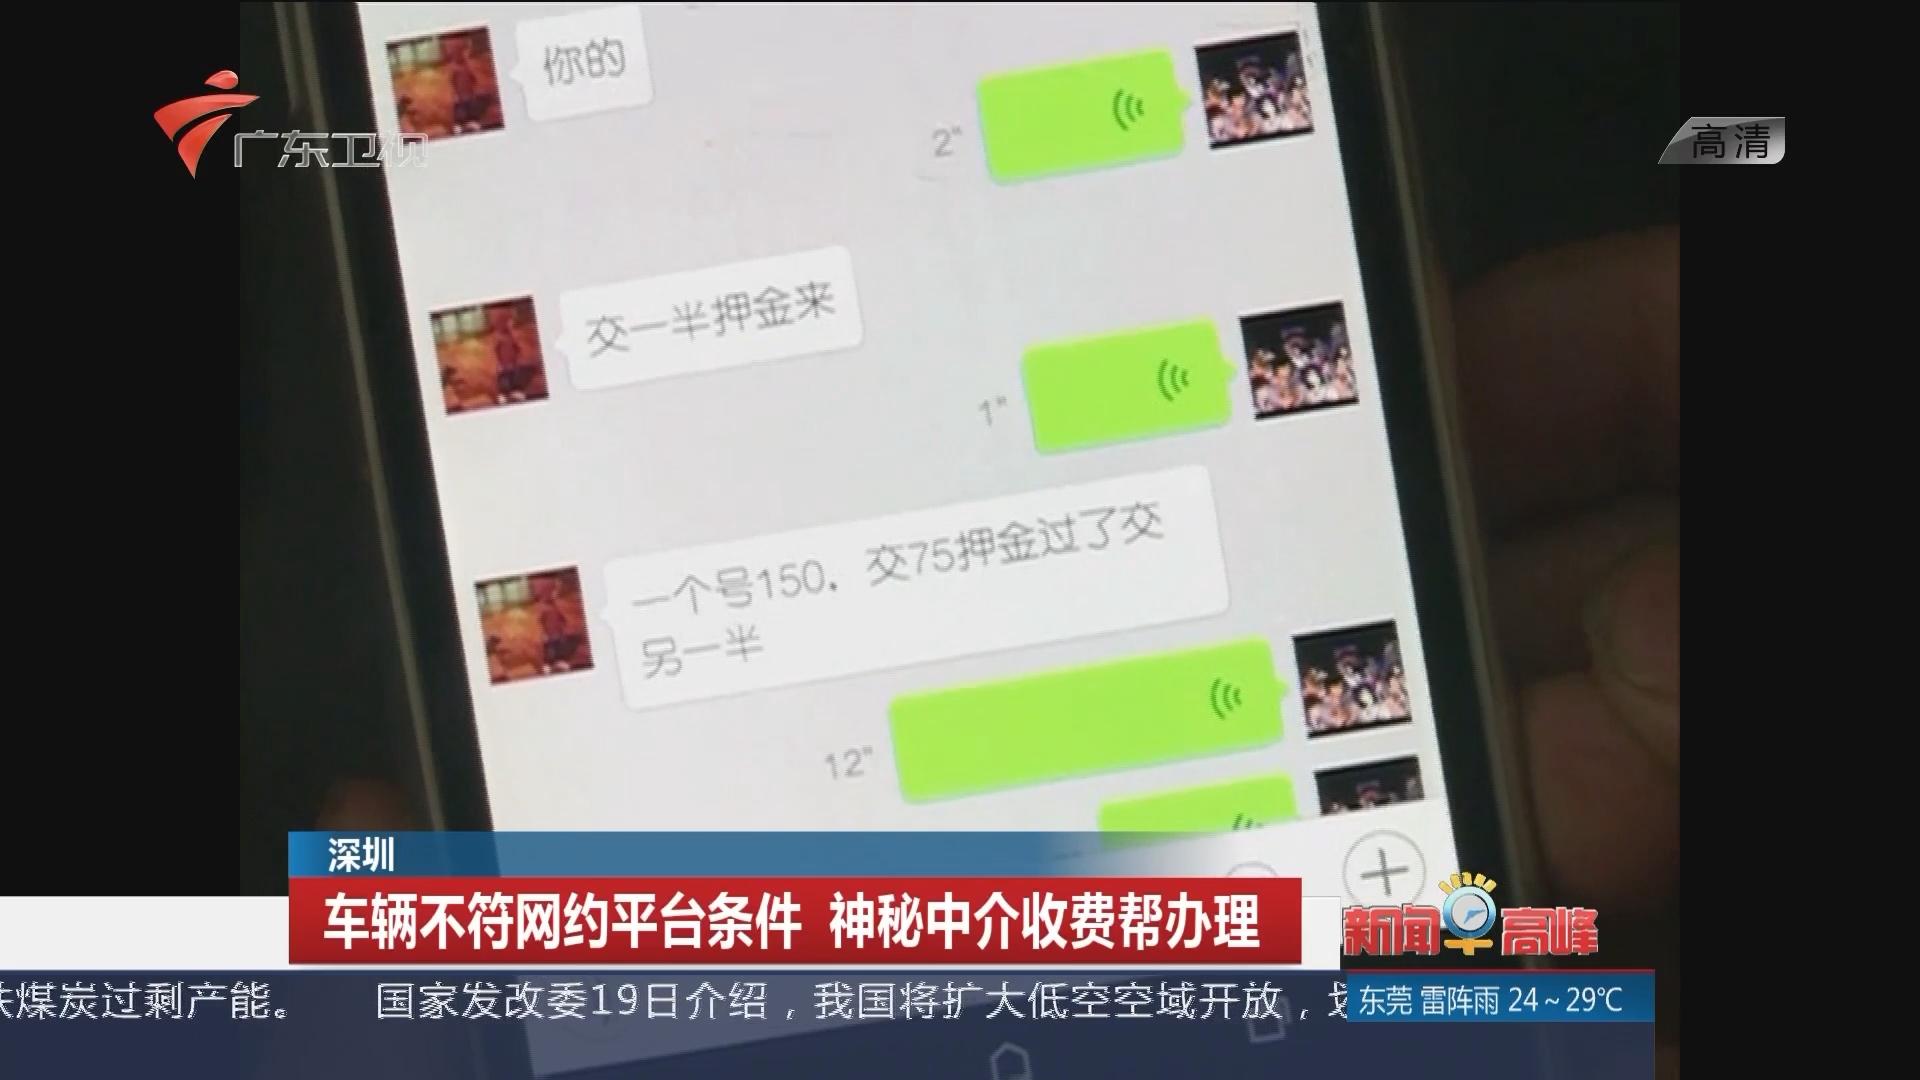 深圳:车辆不符网约平台条件 神秘中介收费帮办理